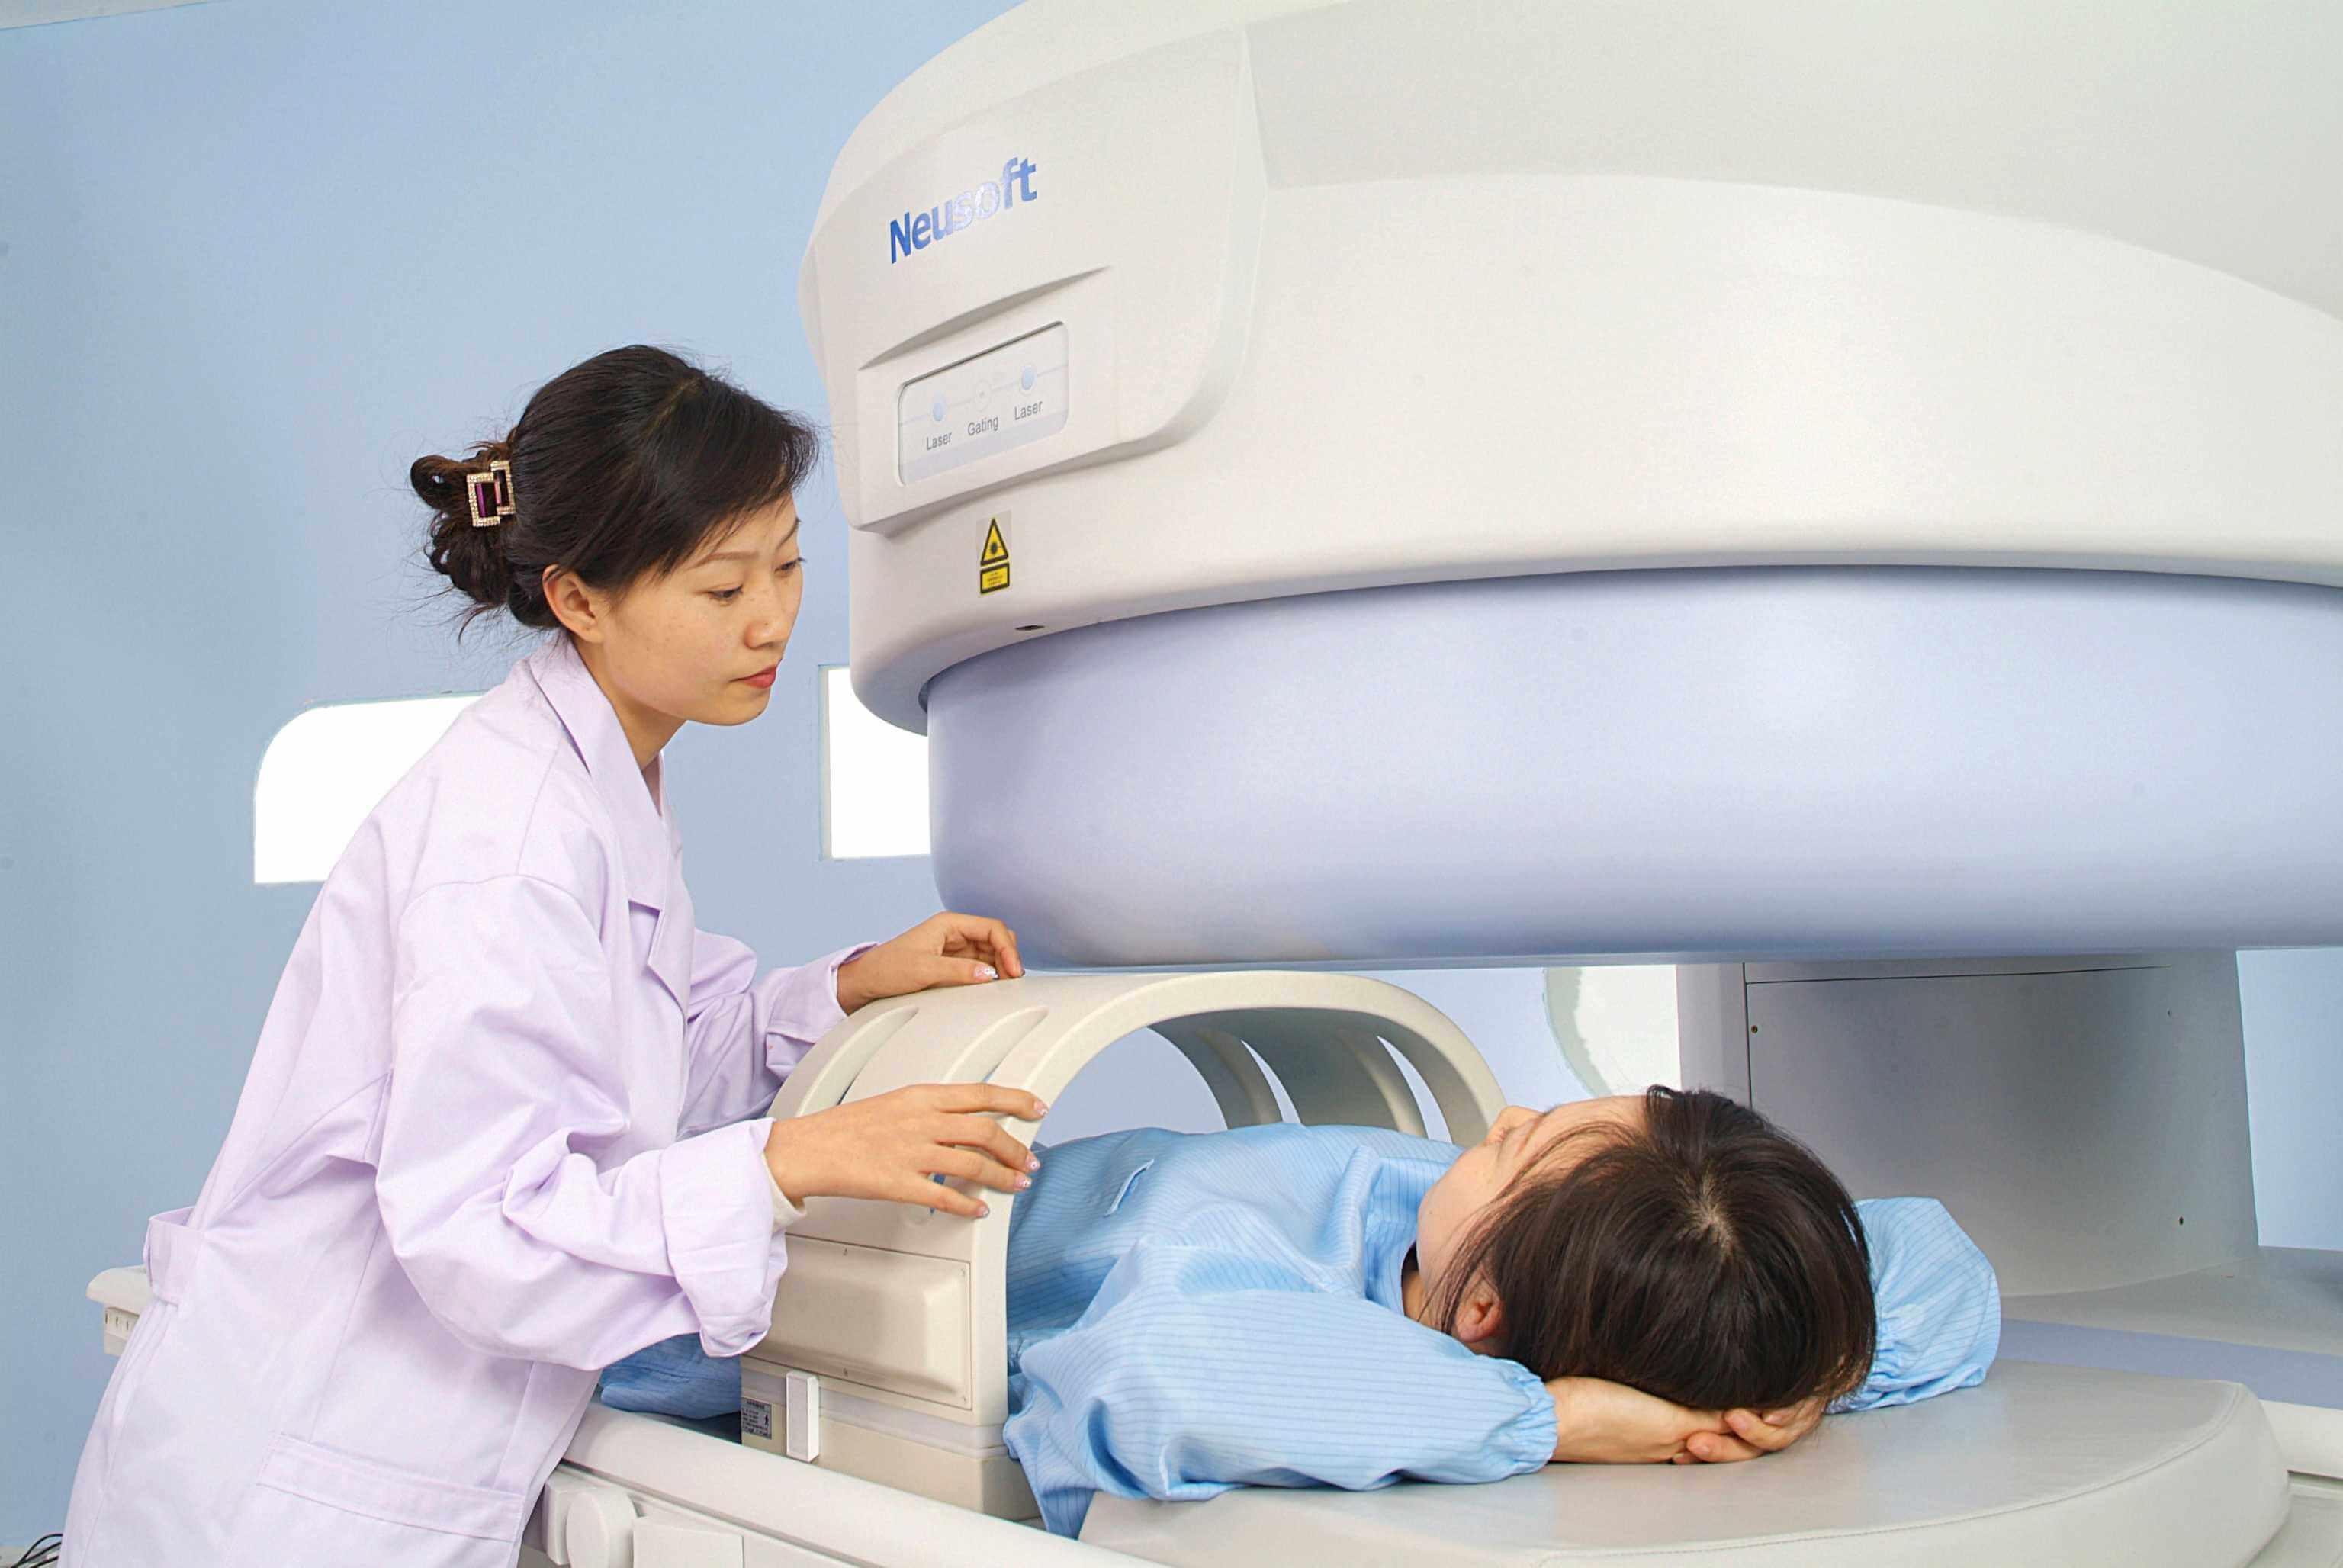 Ressonância Magnética Superstar - Neusoft ressonância magnética MRI Scan ressonancia magnetica superstar neusoft